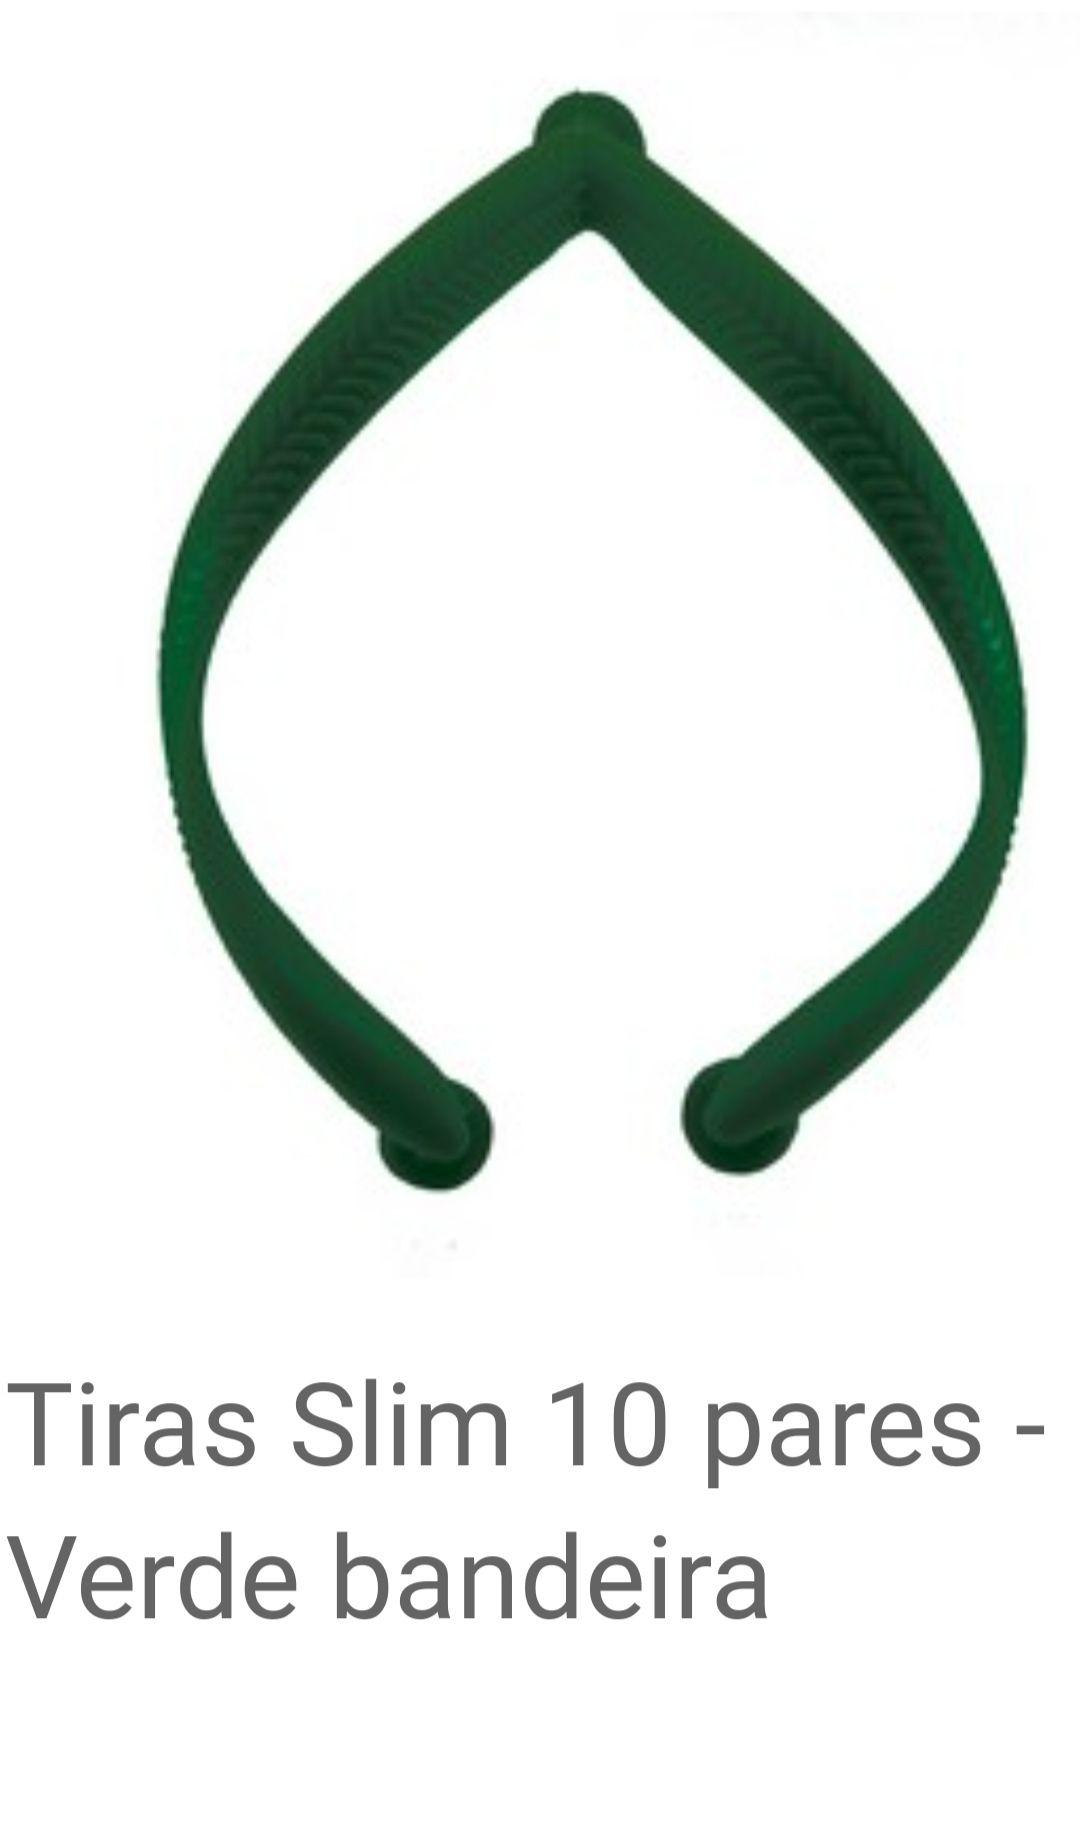 Tiras slim Verde Bandeira com 10 pares